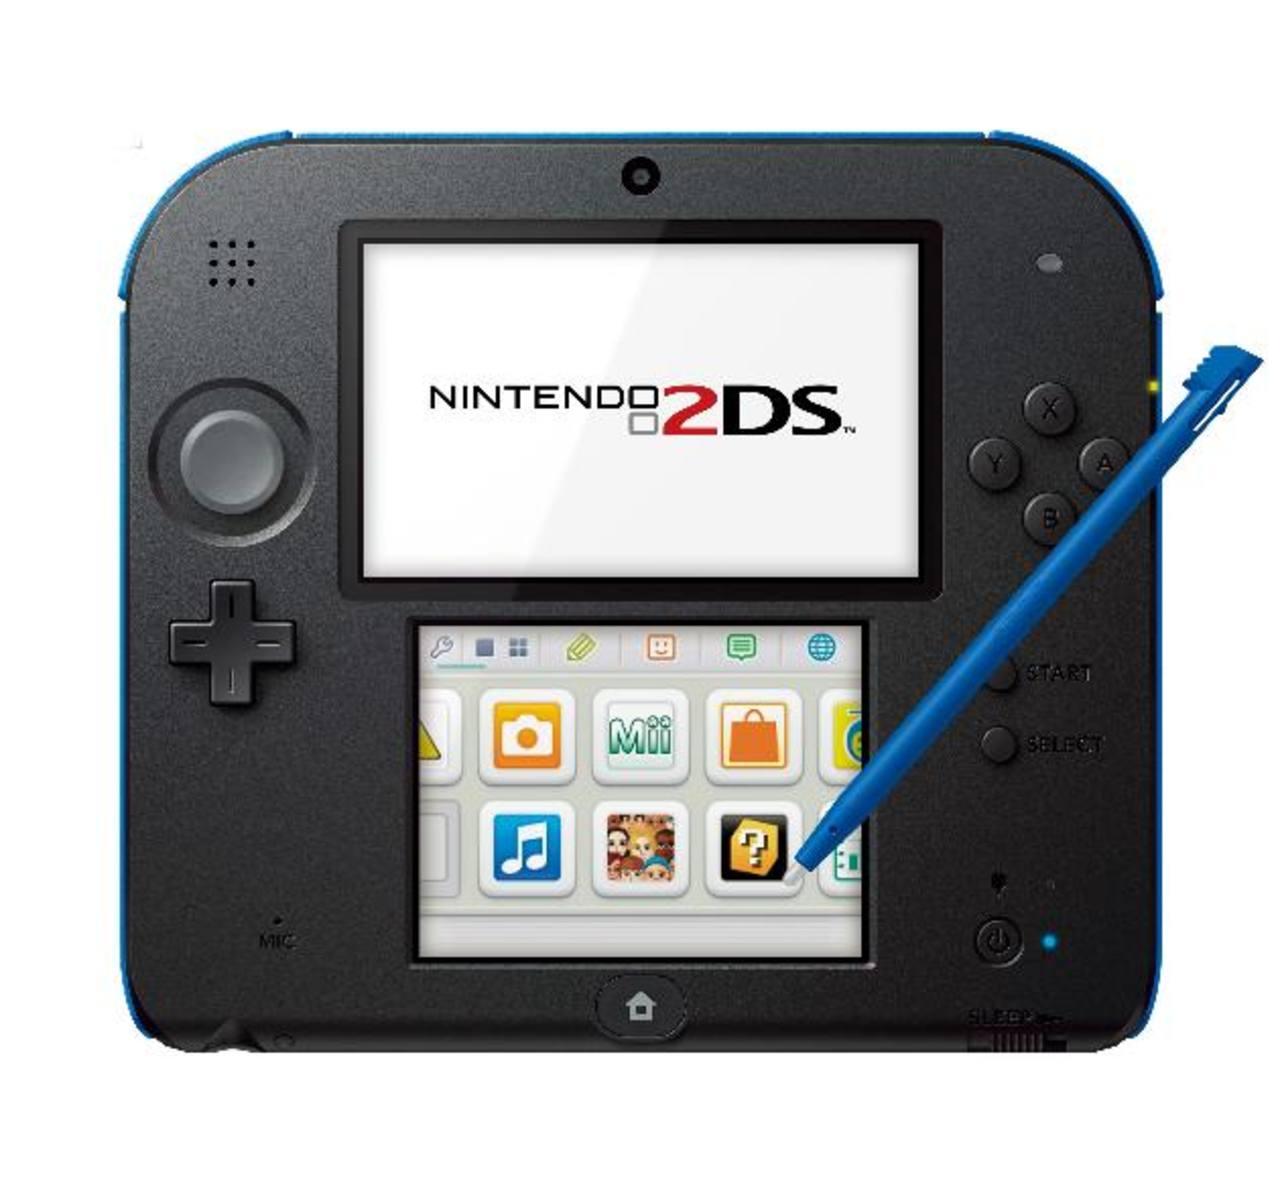 Incluye tarjeta SD de 4GB, un cargador, una cámara frontal, puntero táctil para la pantalla inferior y conectividad wifi.